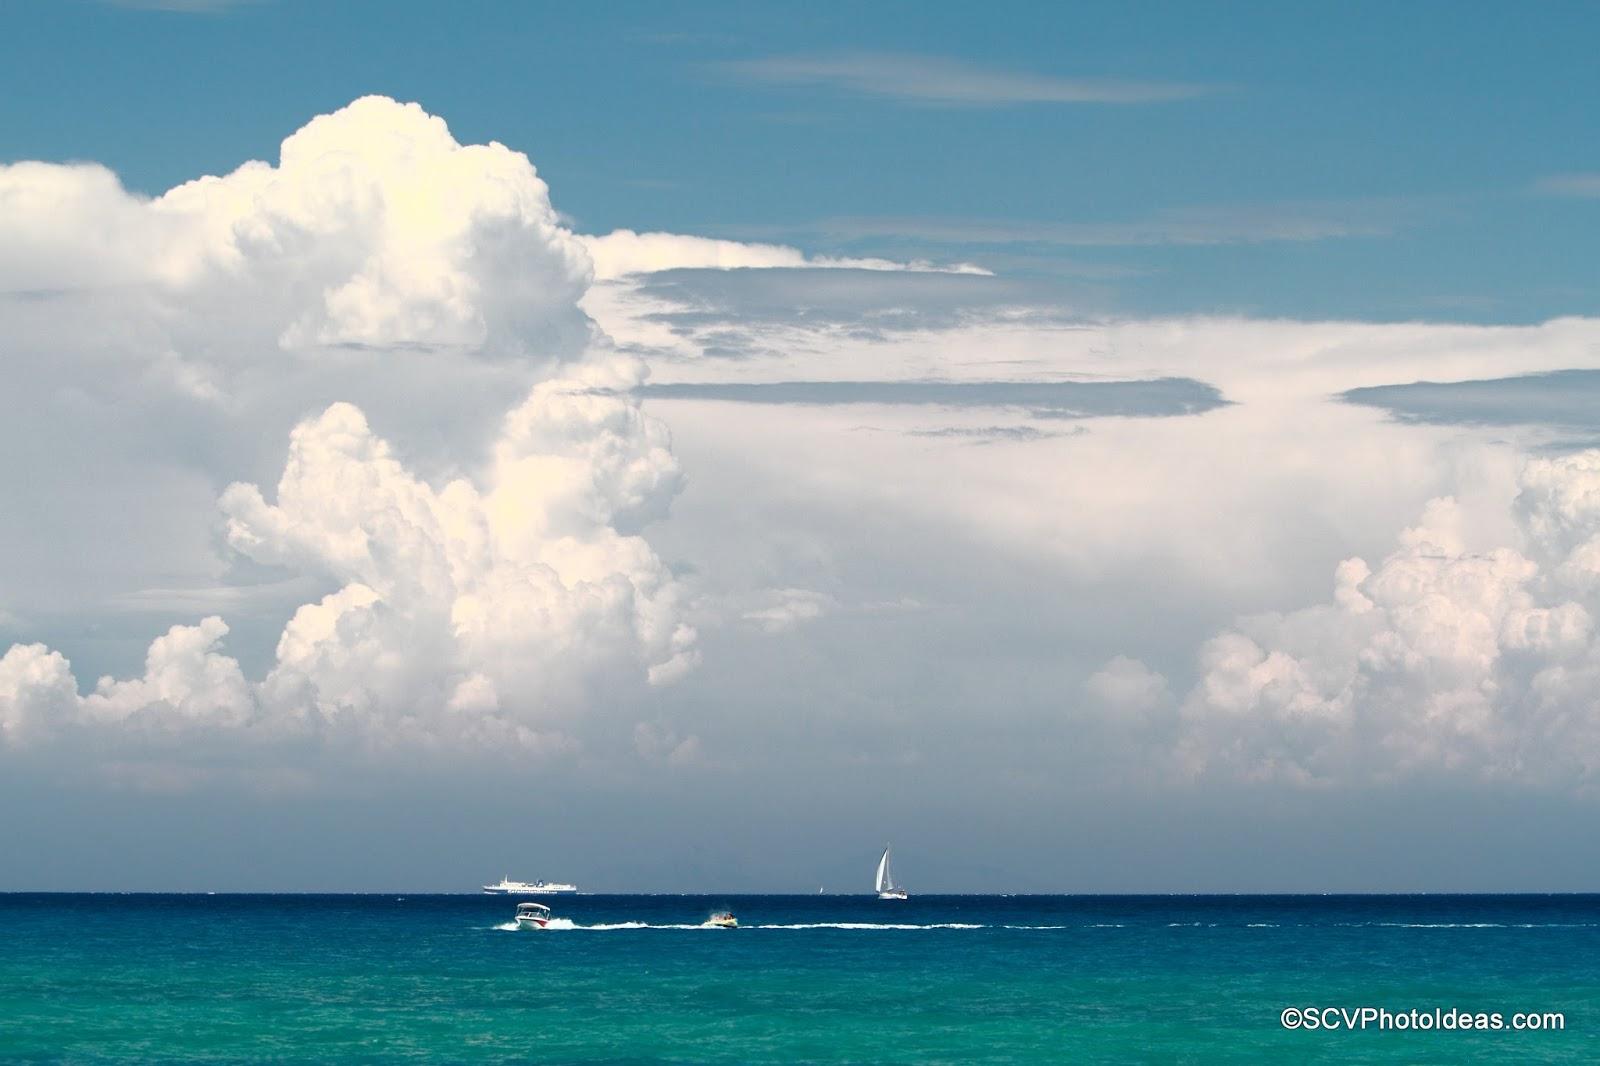 Green Blue Sea Waters at Skala Kefalonia I